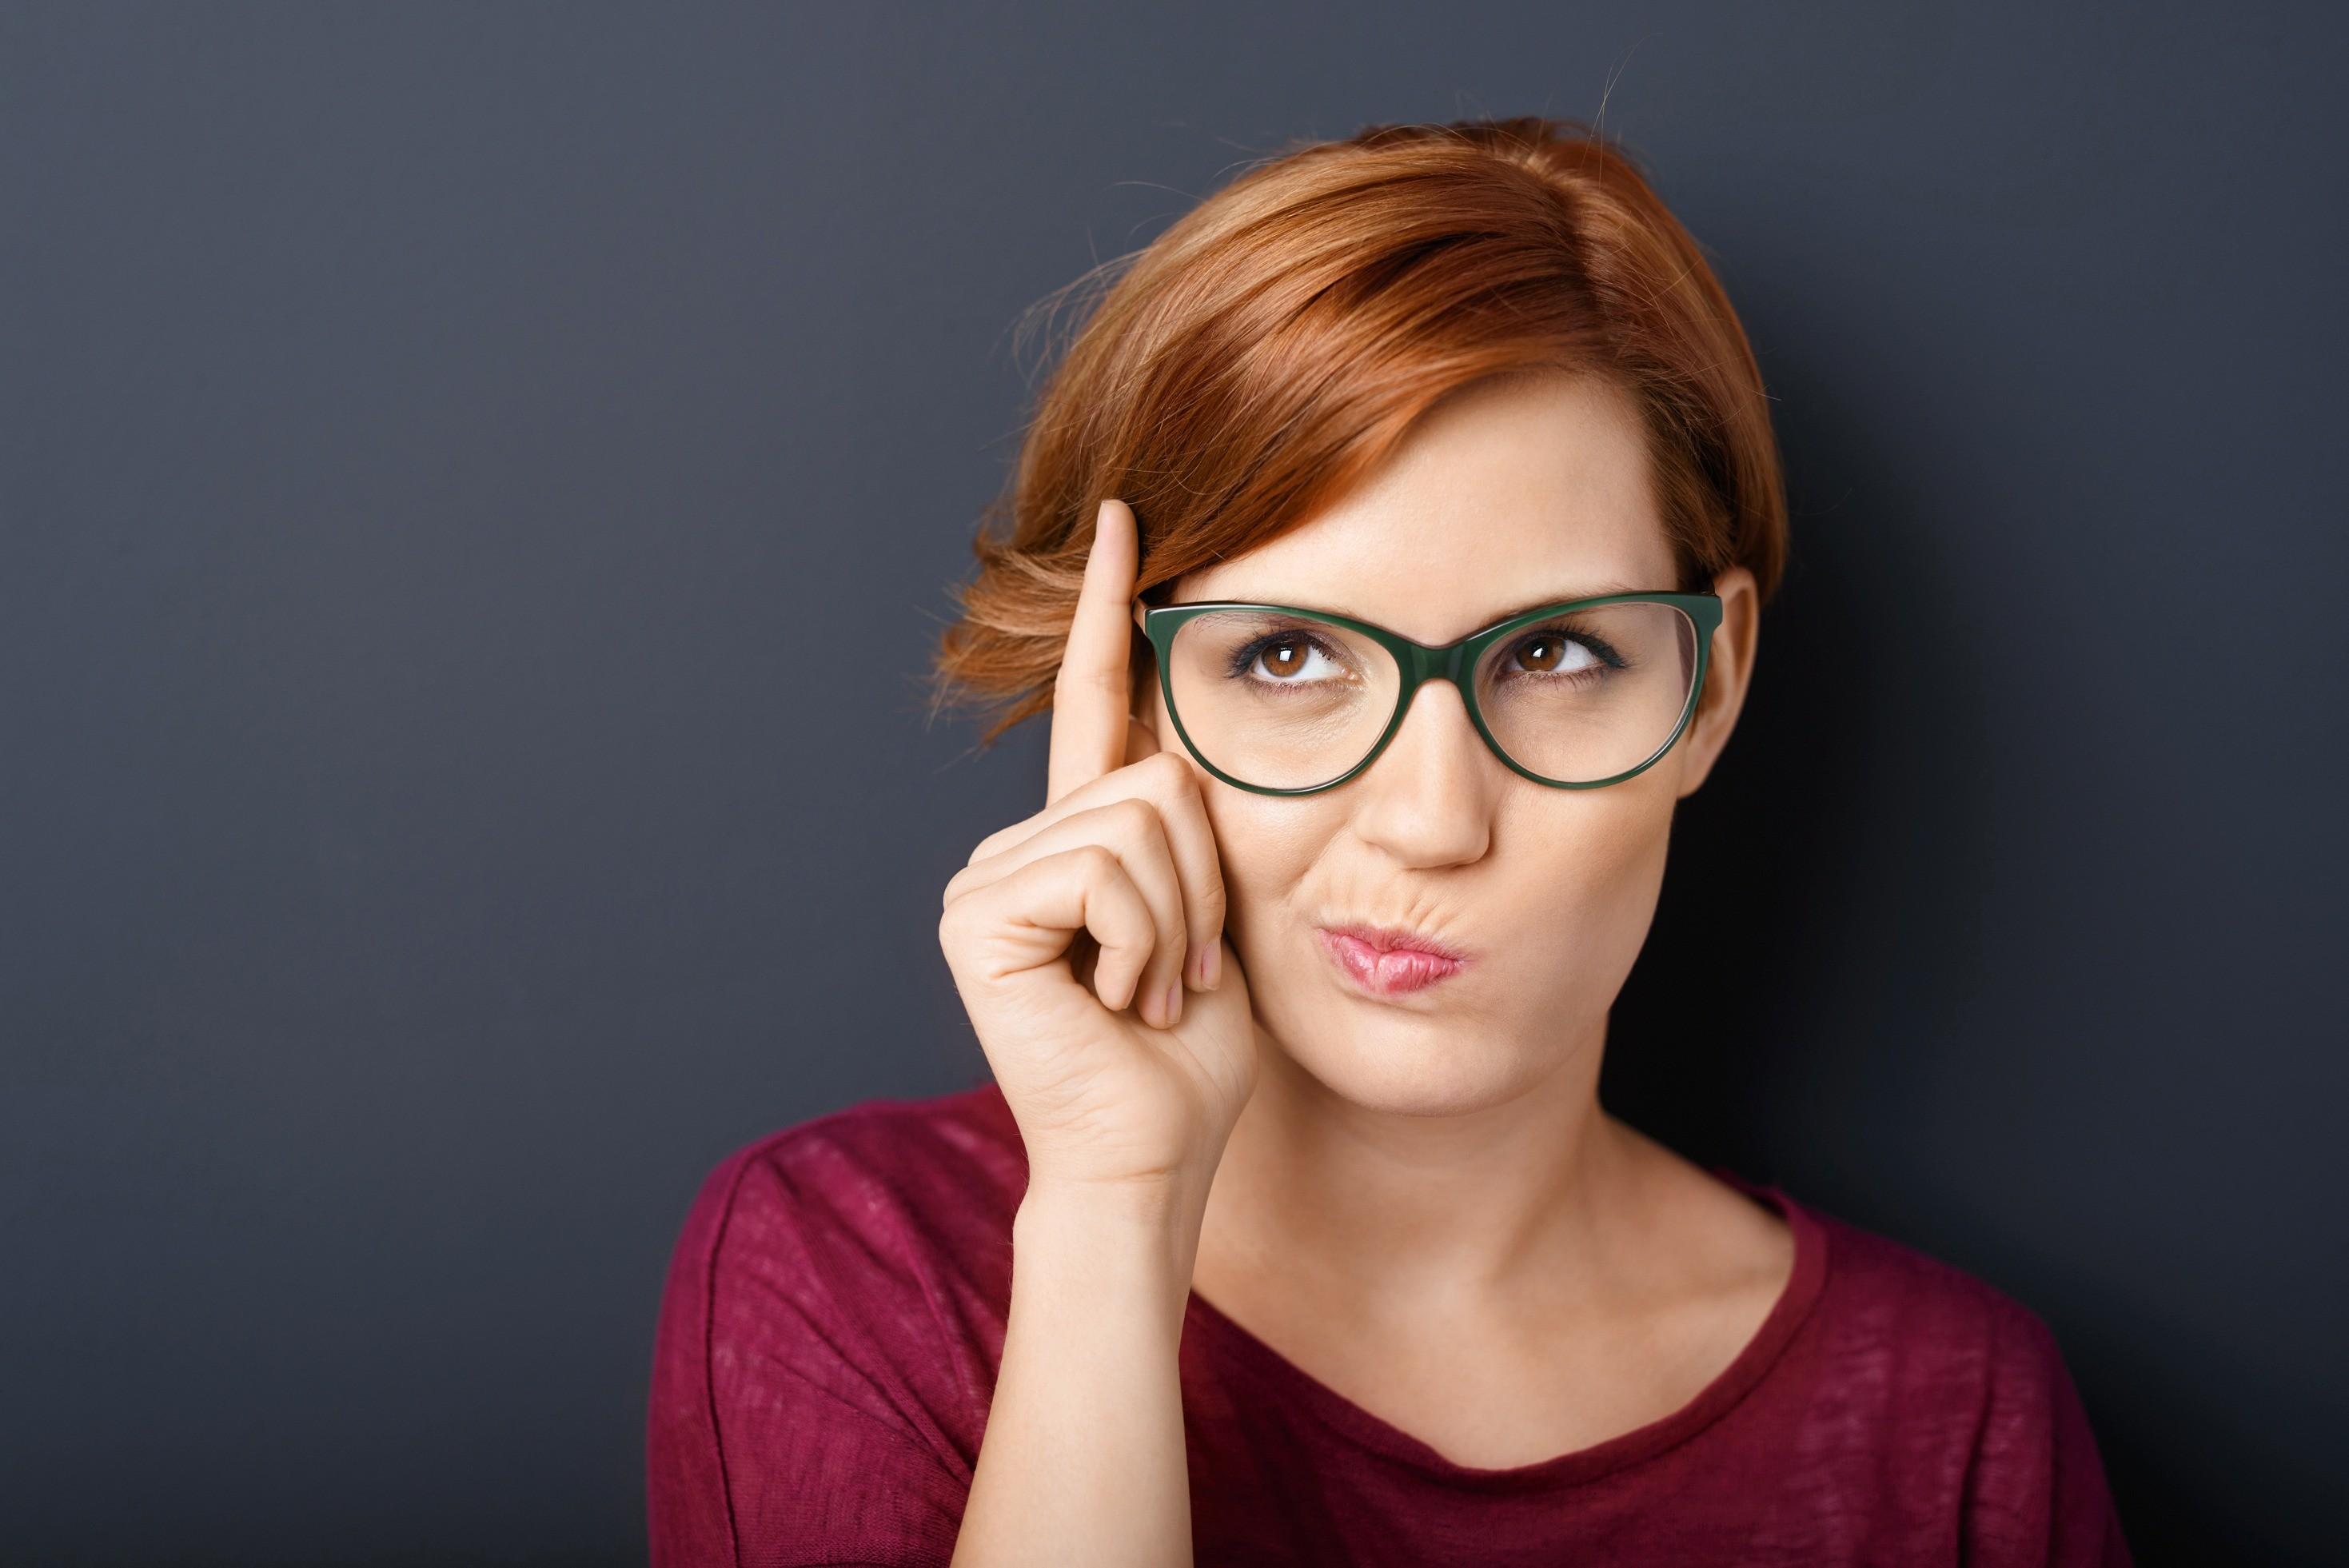 5 простых мастхэвов для мозга, чтобы сохранить интеллект надолго